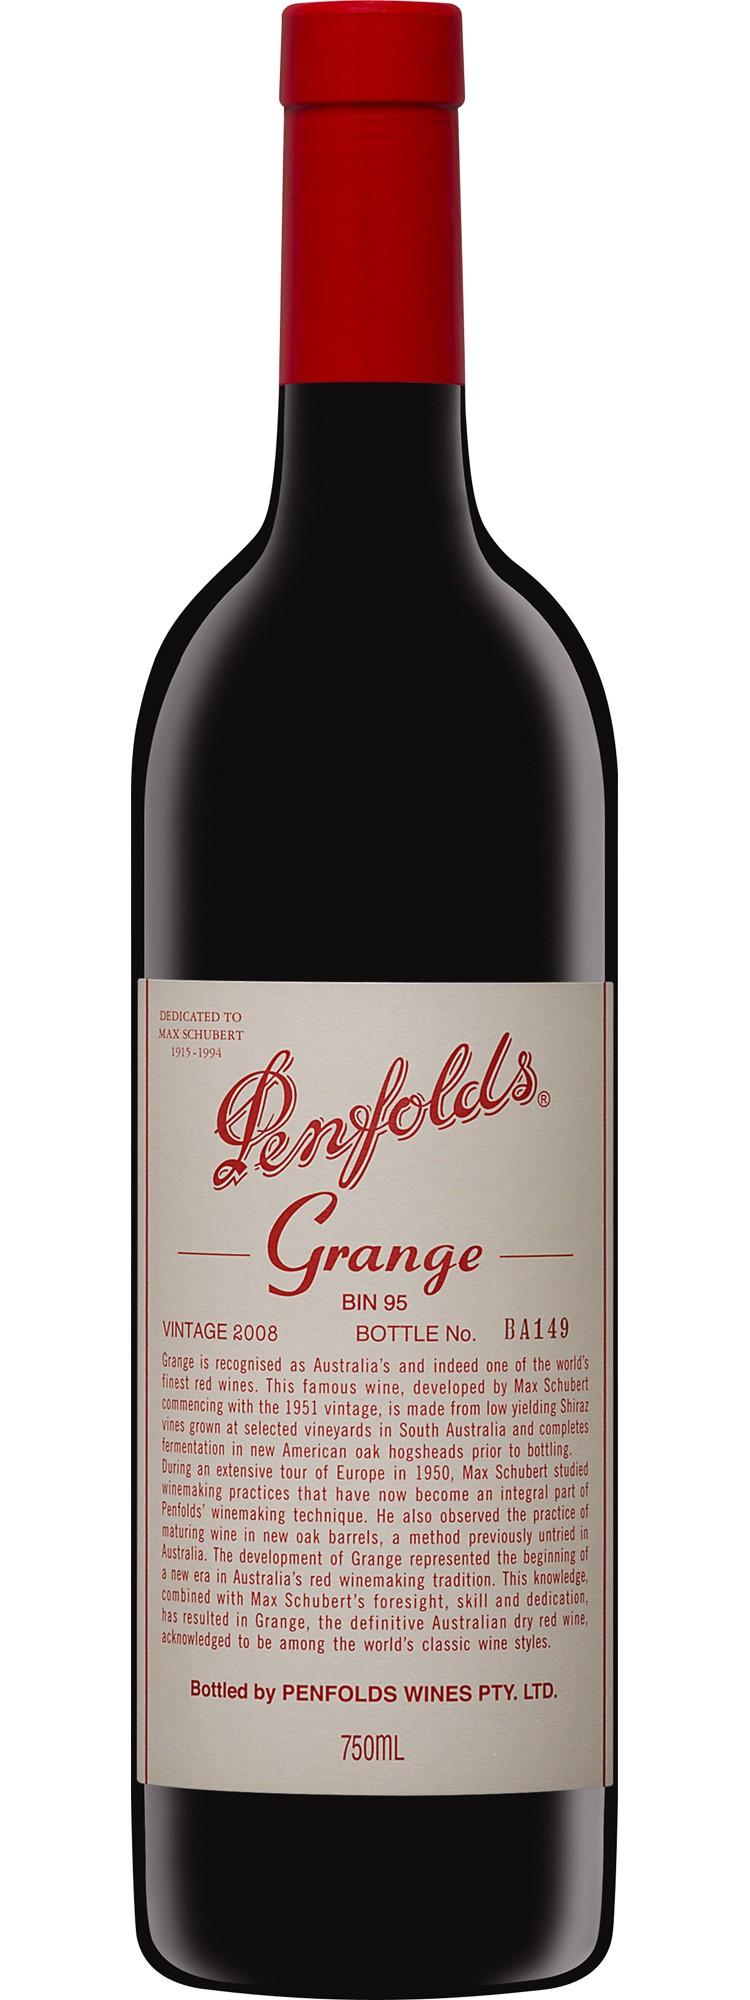 Penfolds - Grange, 2008